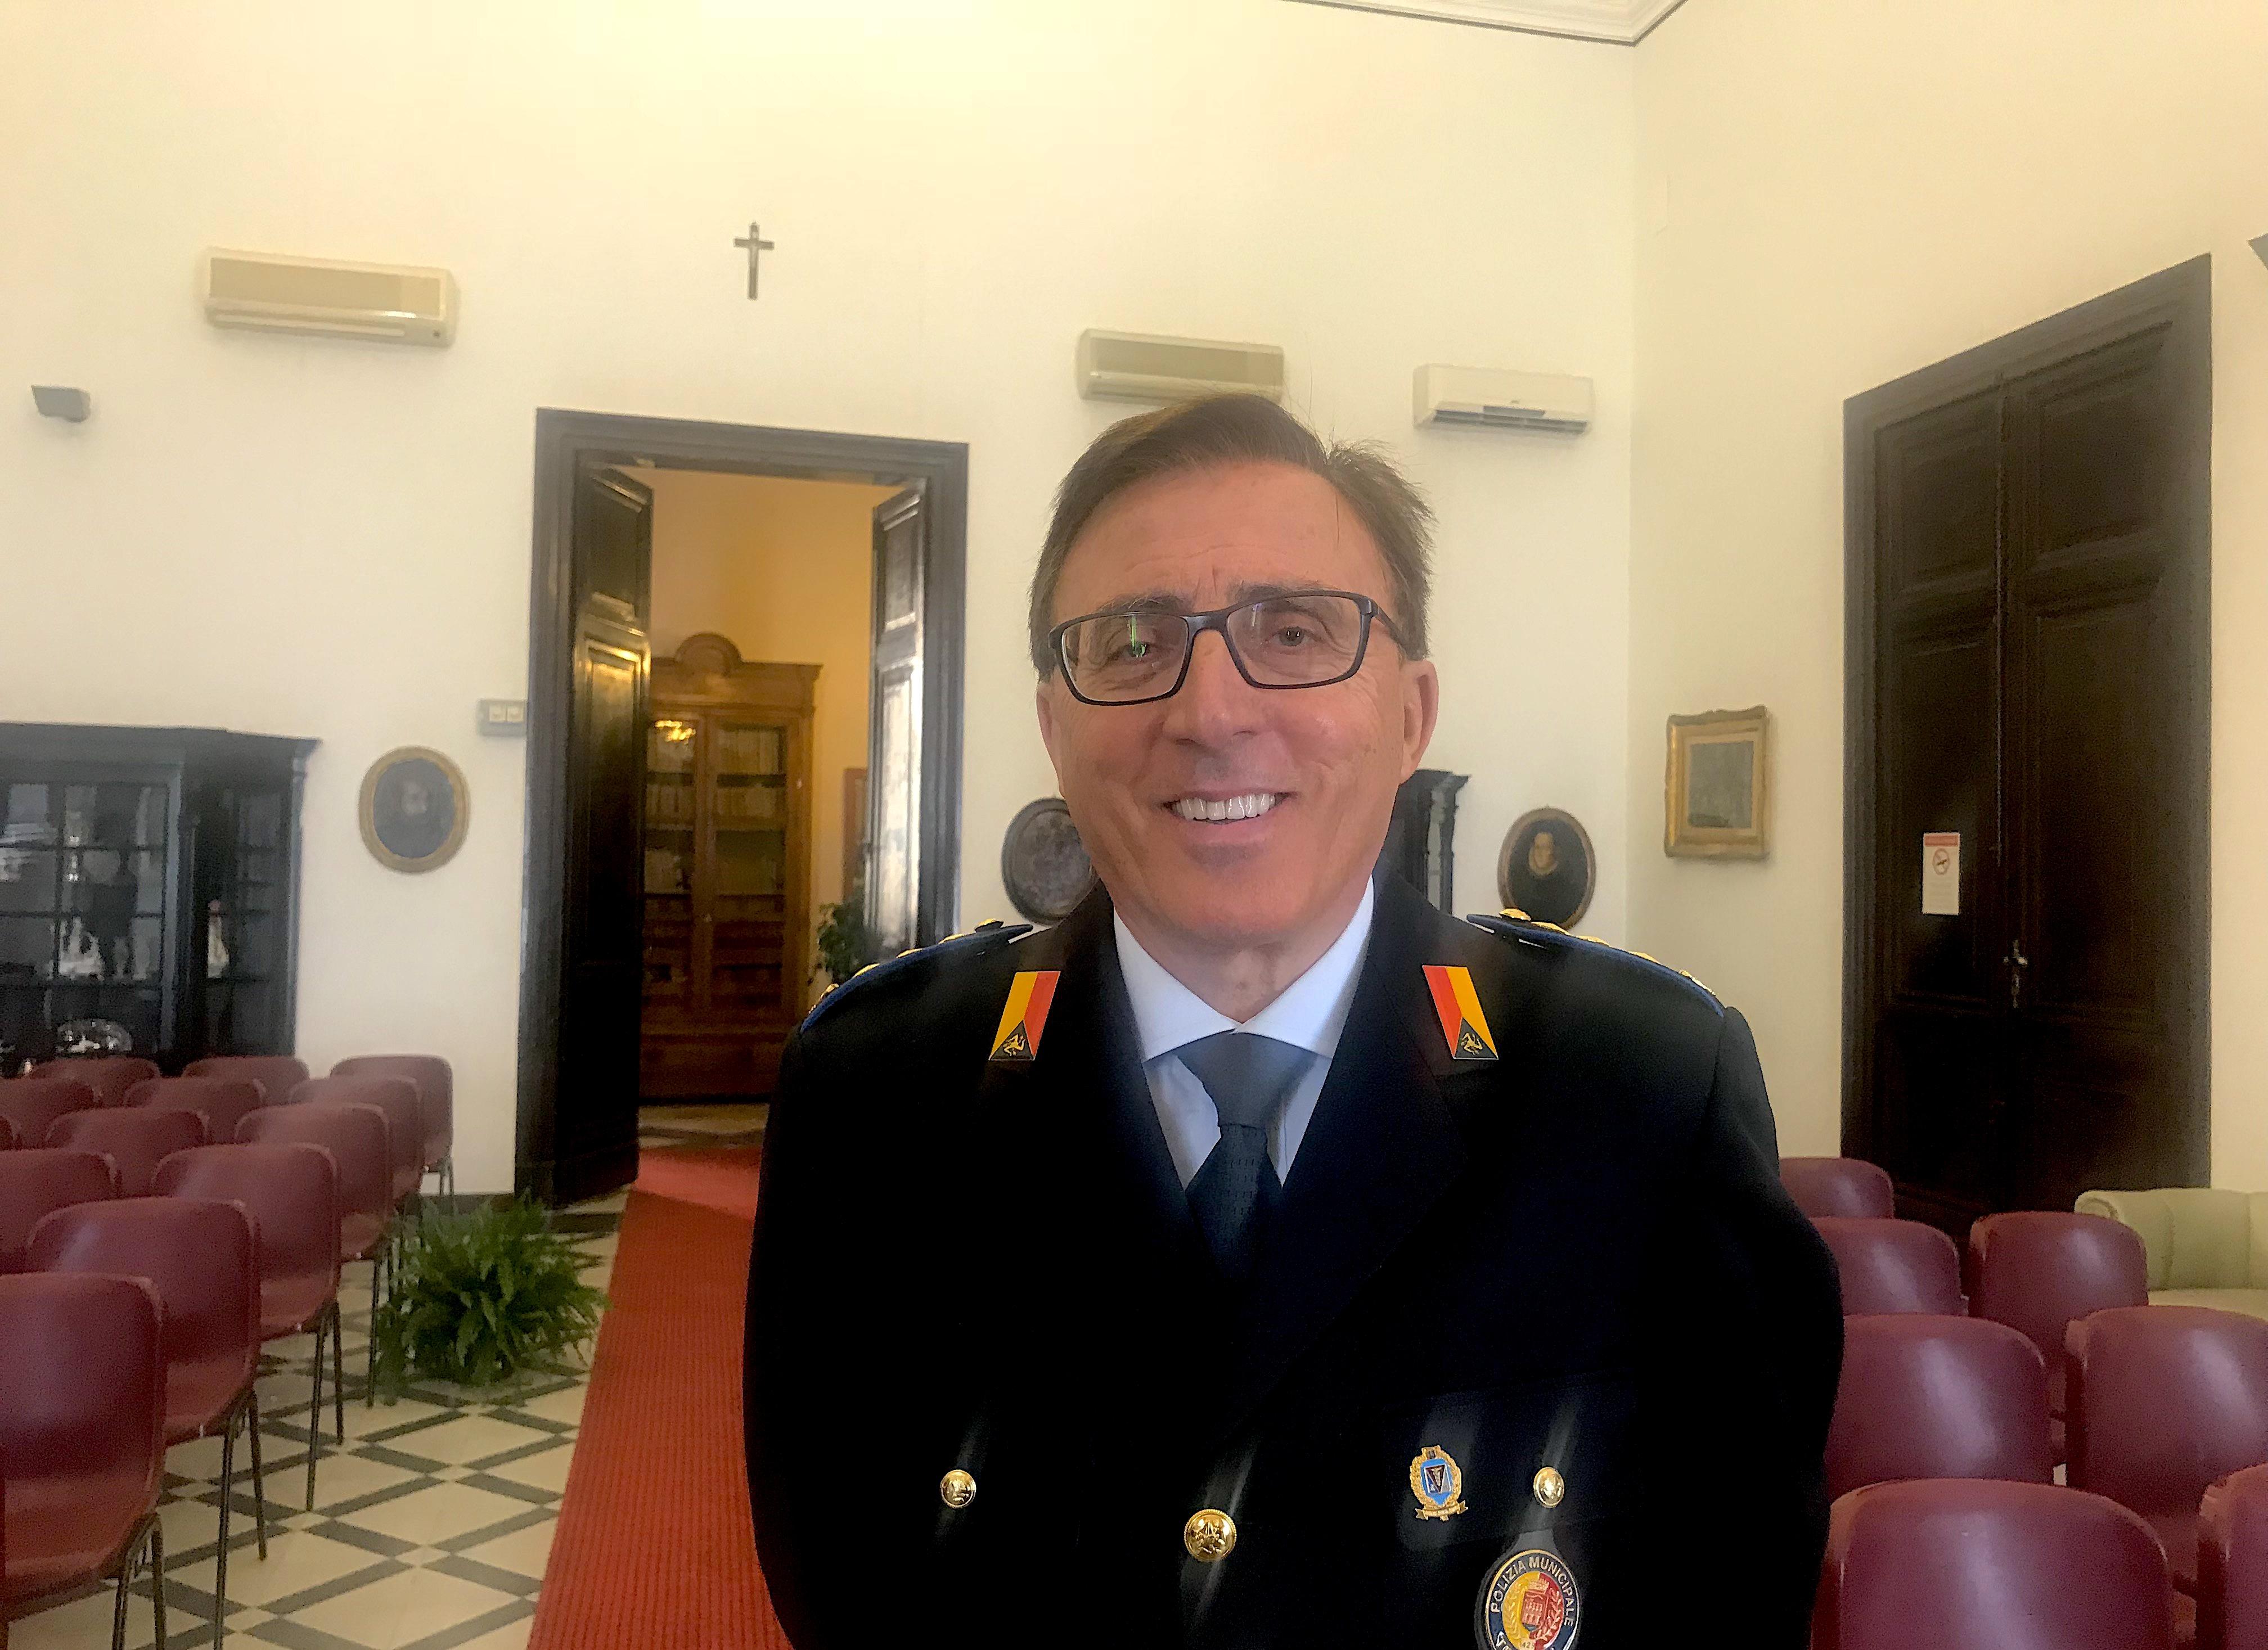 """Trapani. Serafino Di Peri è il nuovo Comandante di Polizia Municipale: """"presto l'incremento del personale, nuovi mezzi e strumenti"""""""